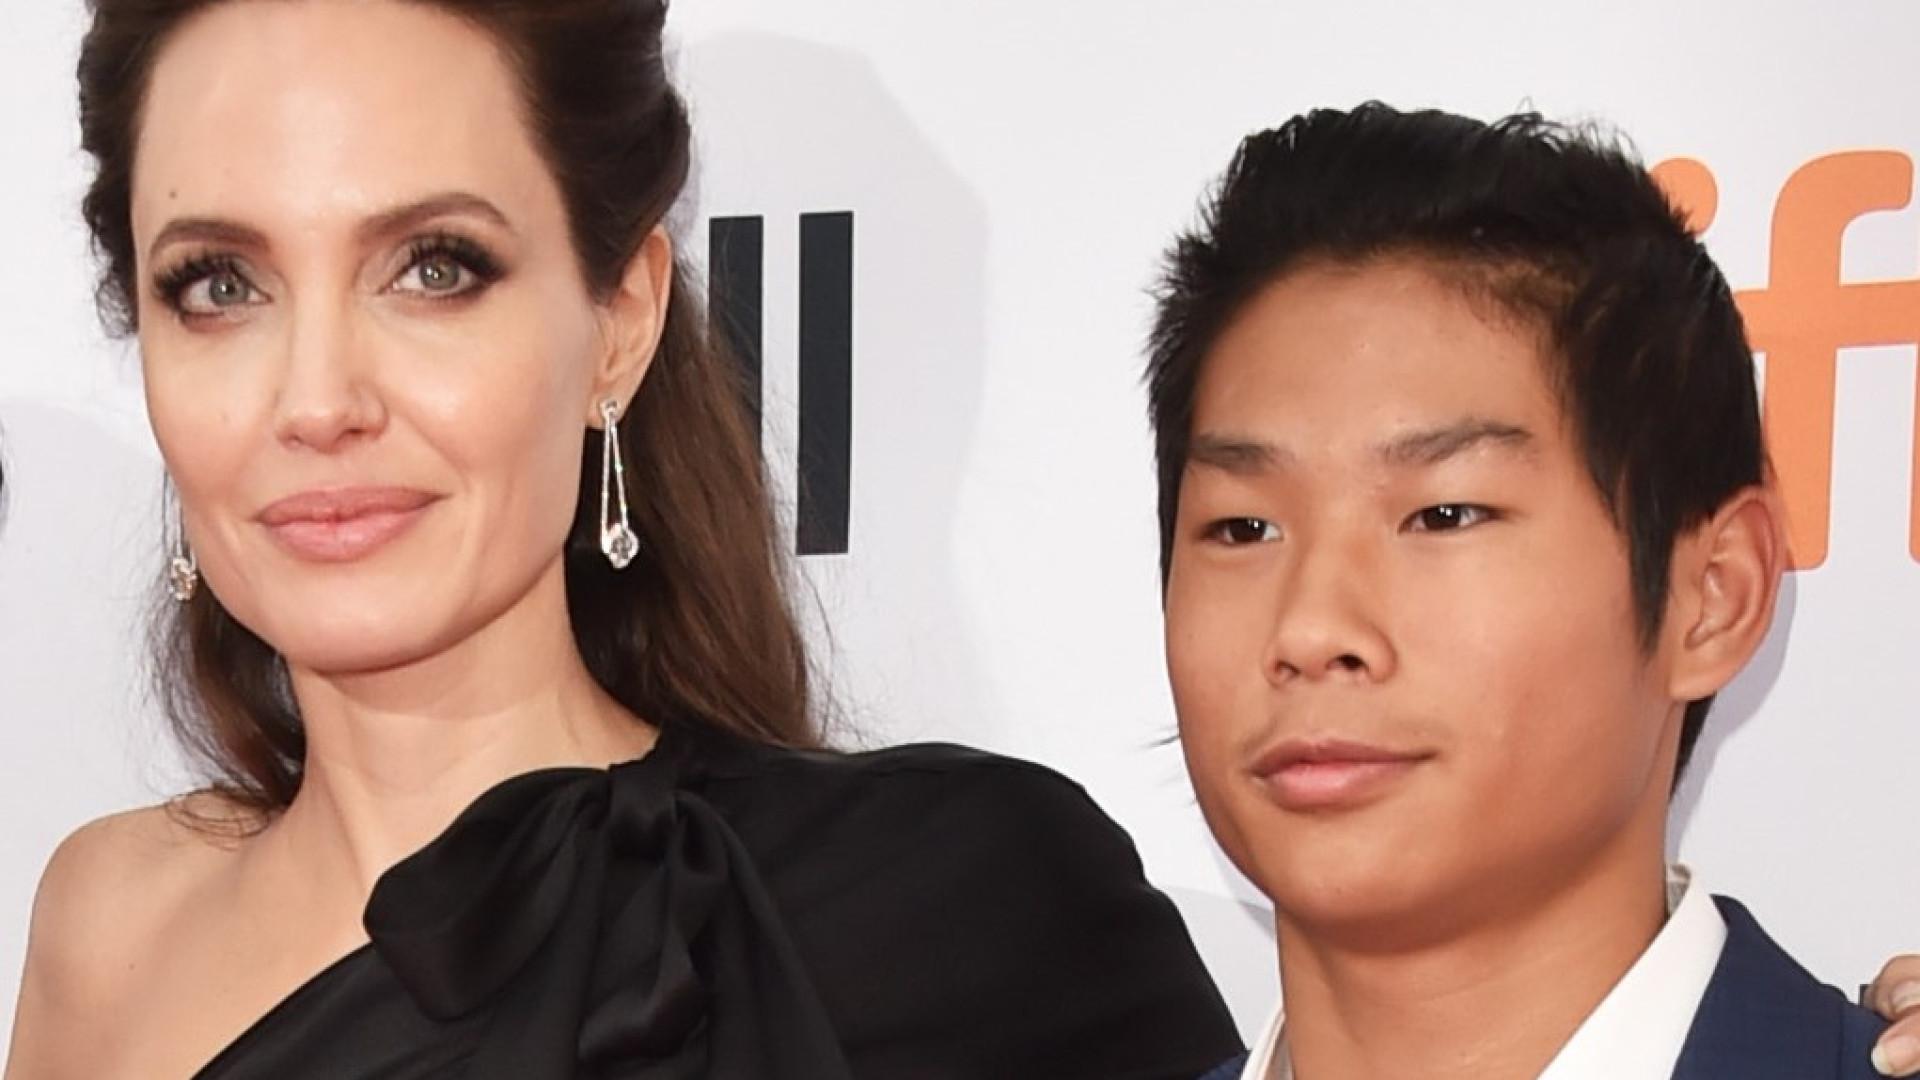 Filho mais velho de Angelina Jolie se muda para a Coreia do Sul